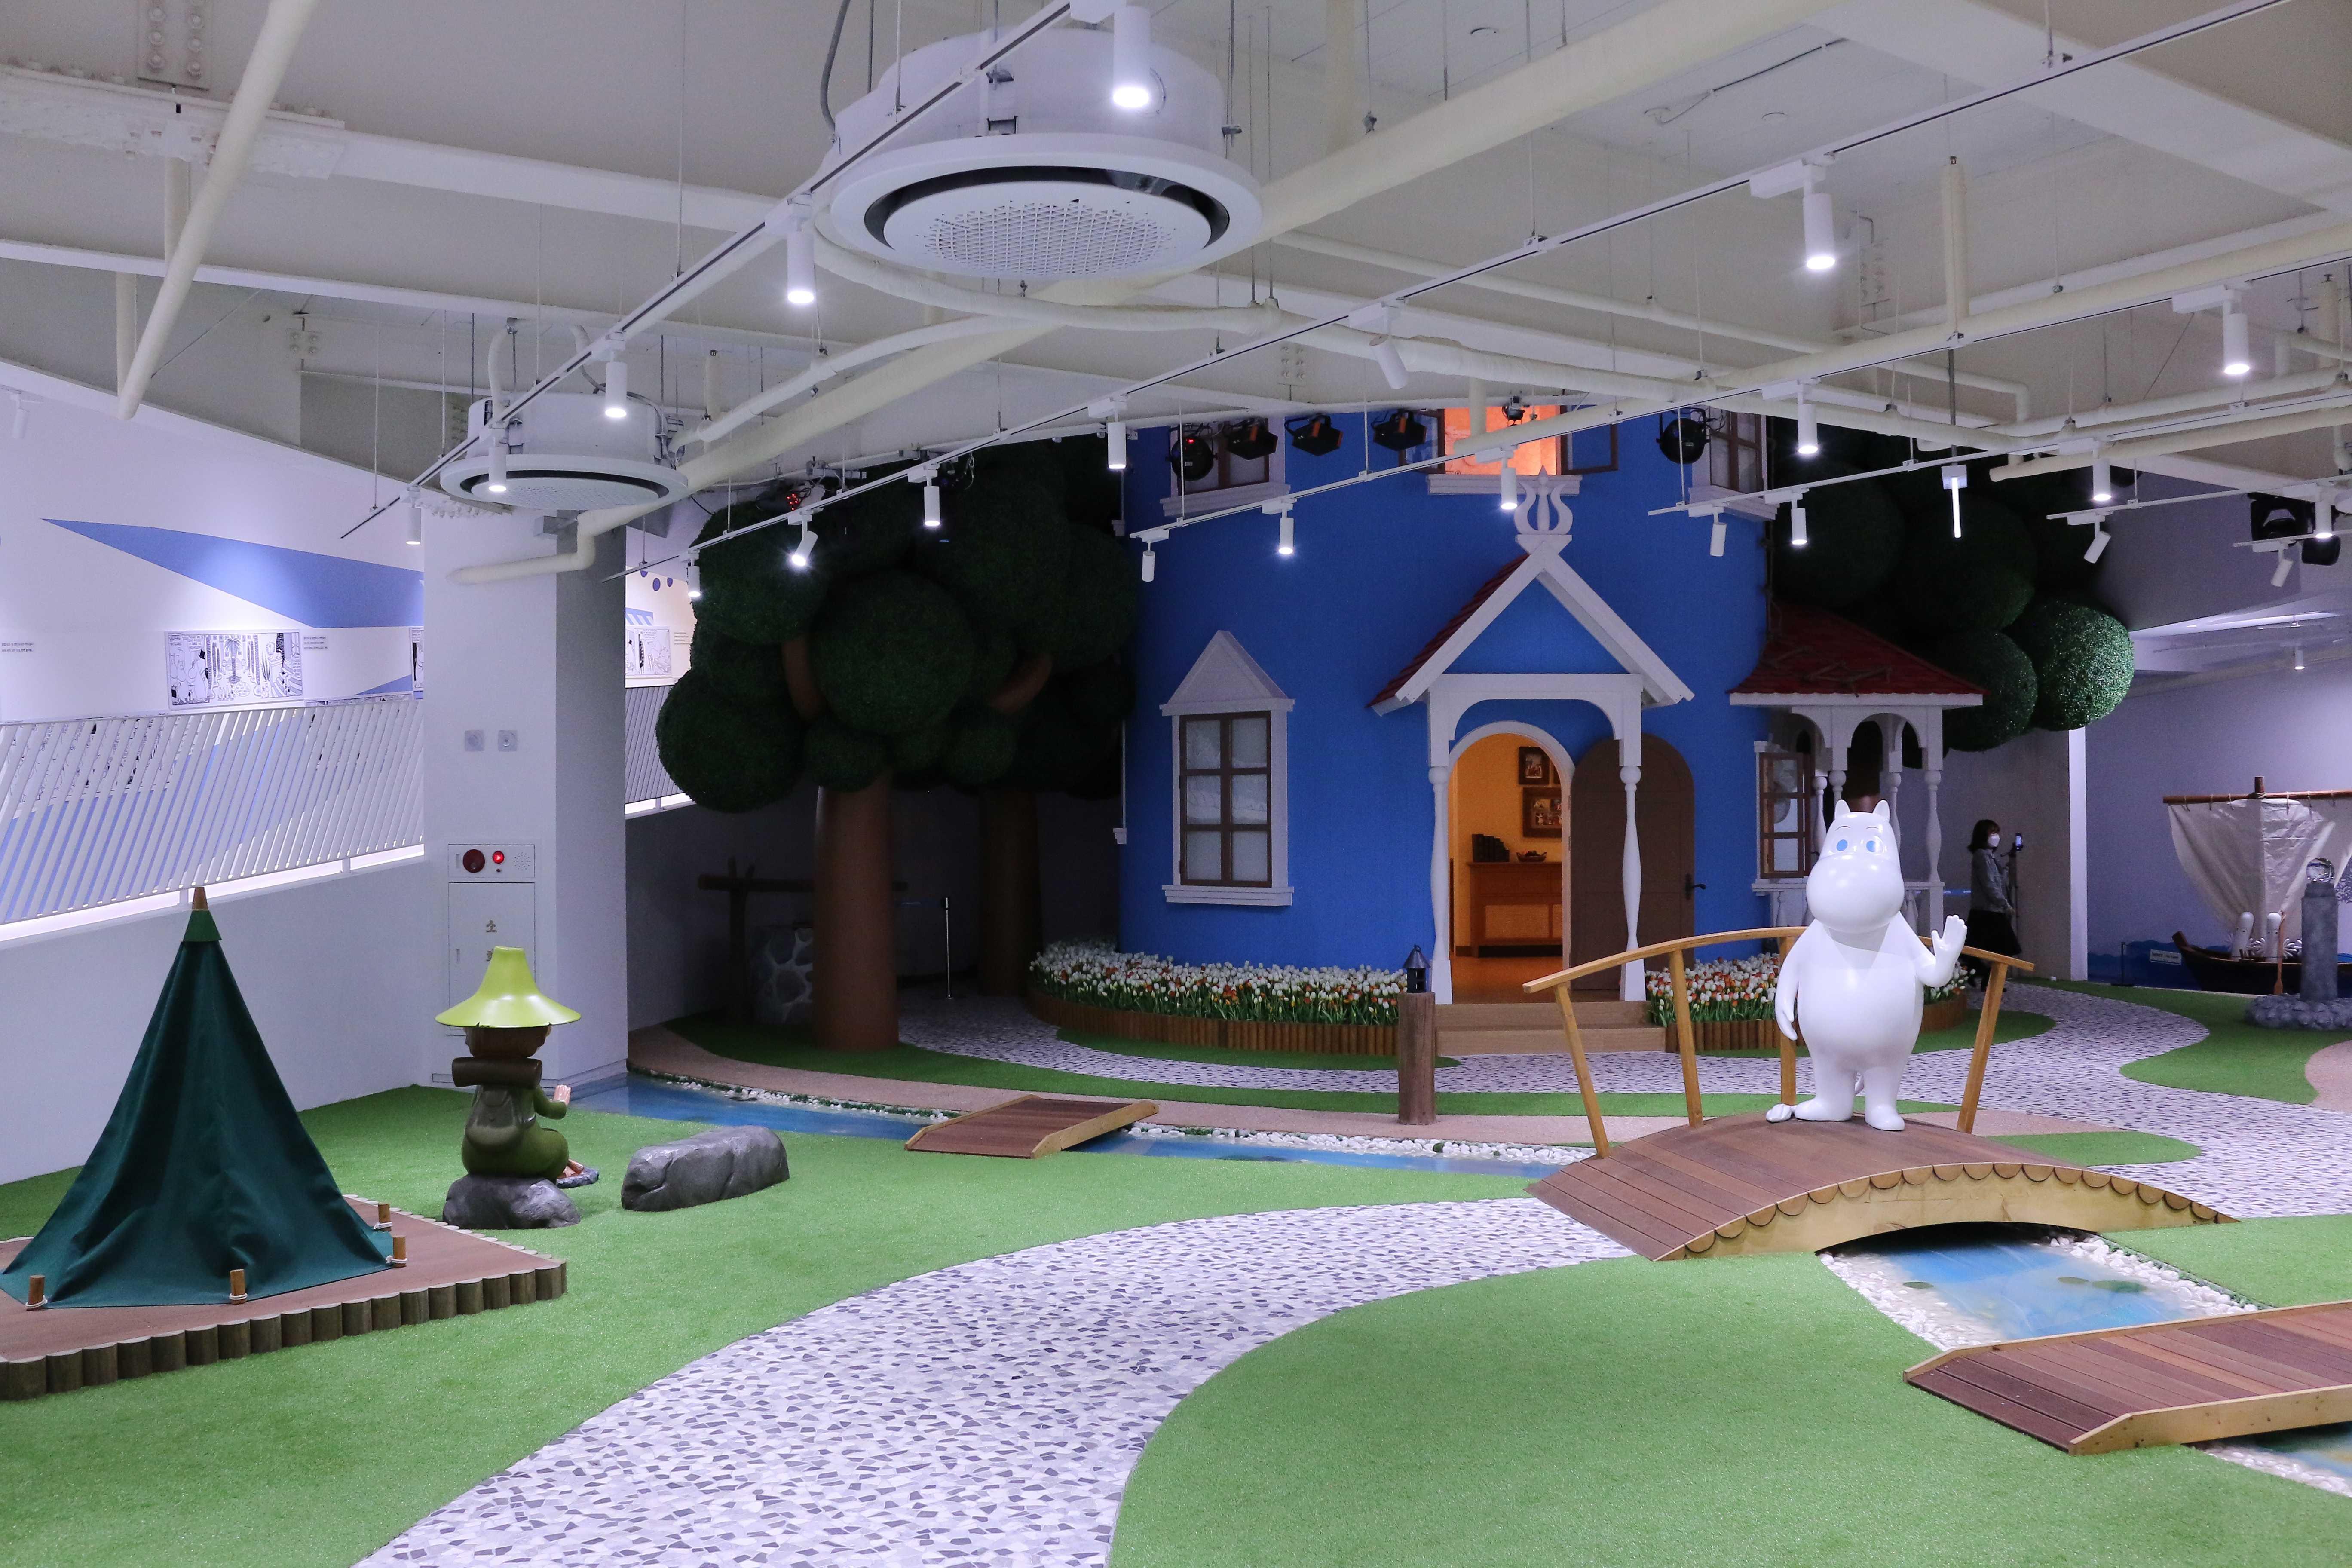 Moomin Land Jeju South Korea